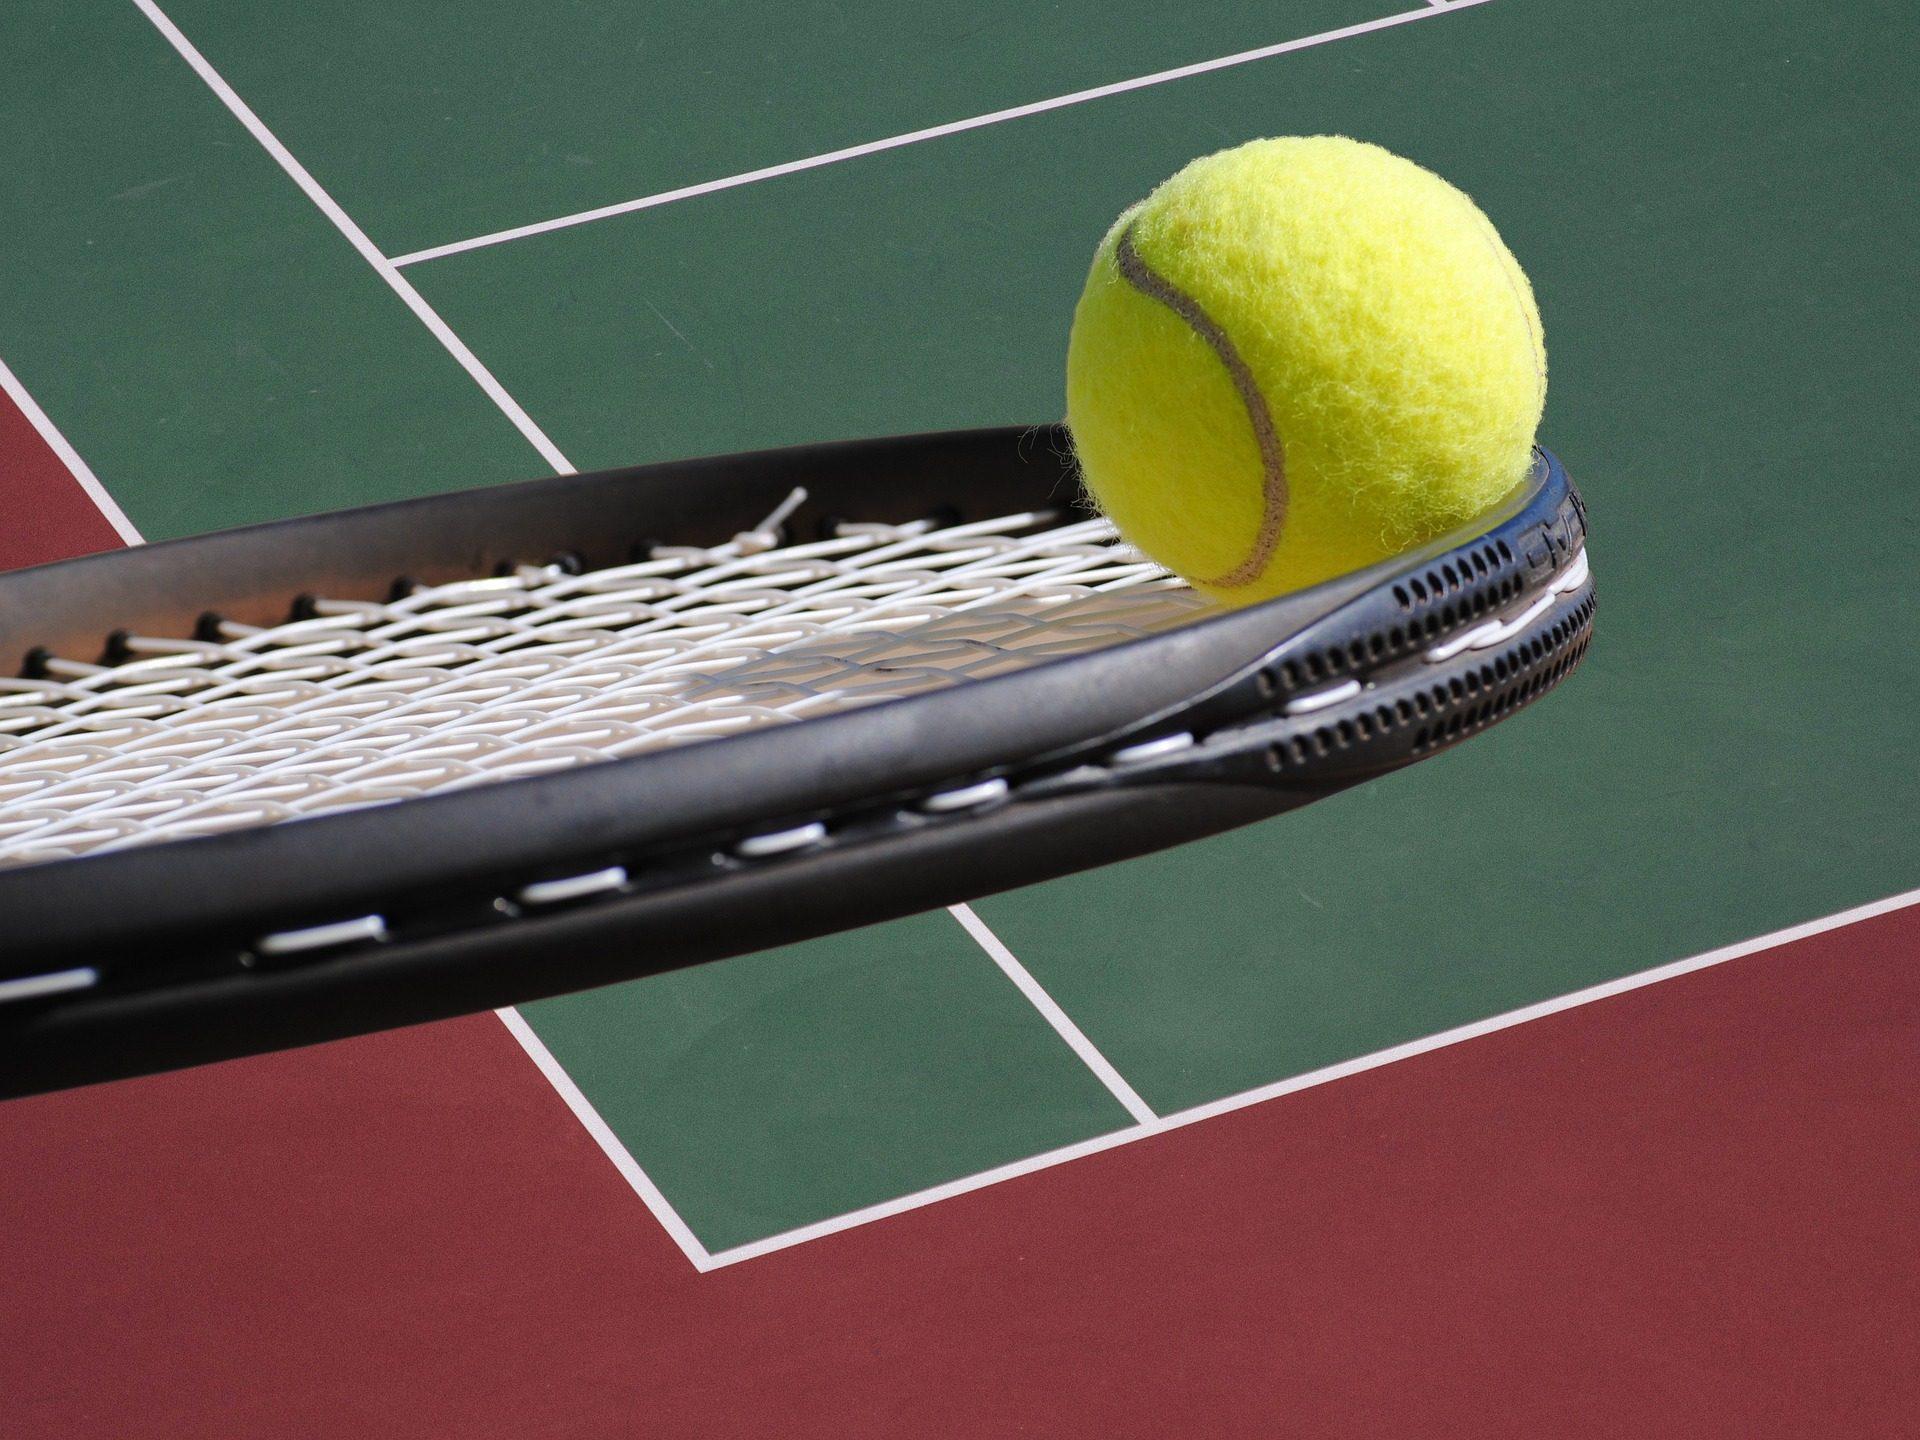 ρακέτα, Τένις, μπάλα, cancha, πεδίο, συμβολοσειρές - Wallpapers HD - Professor-falken.com